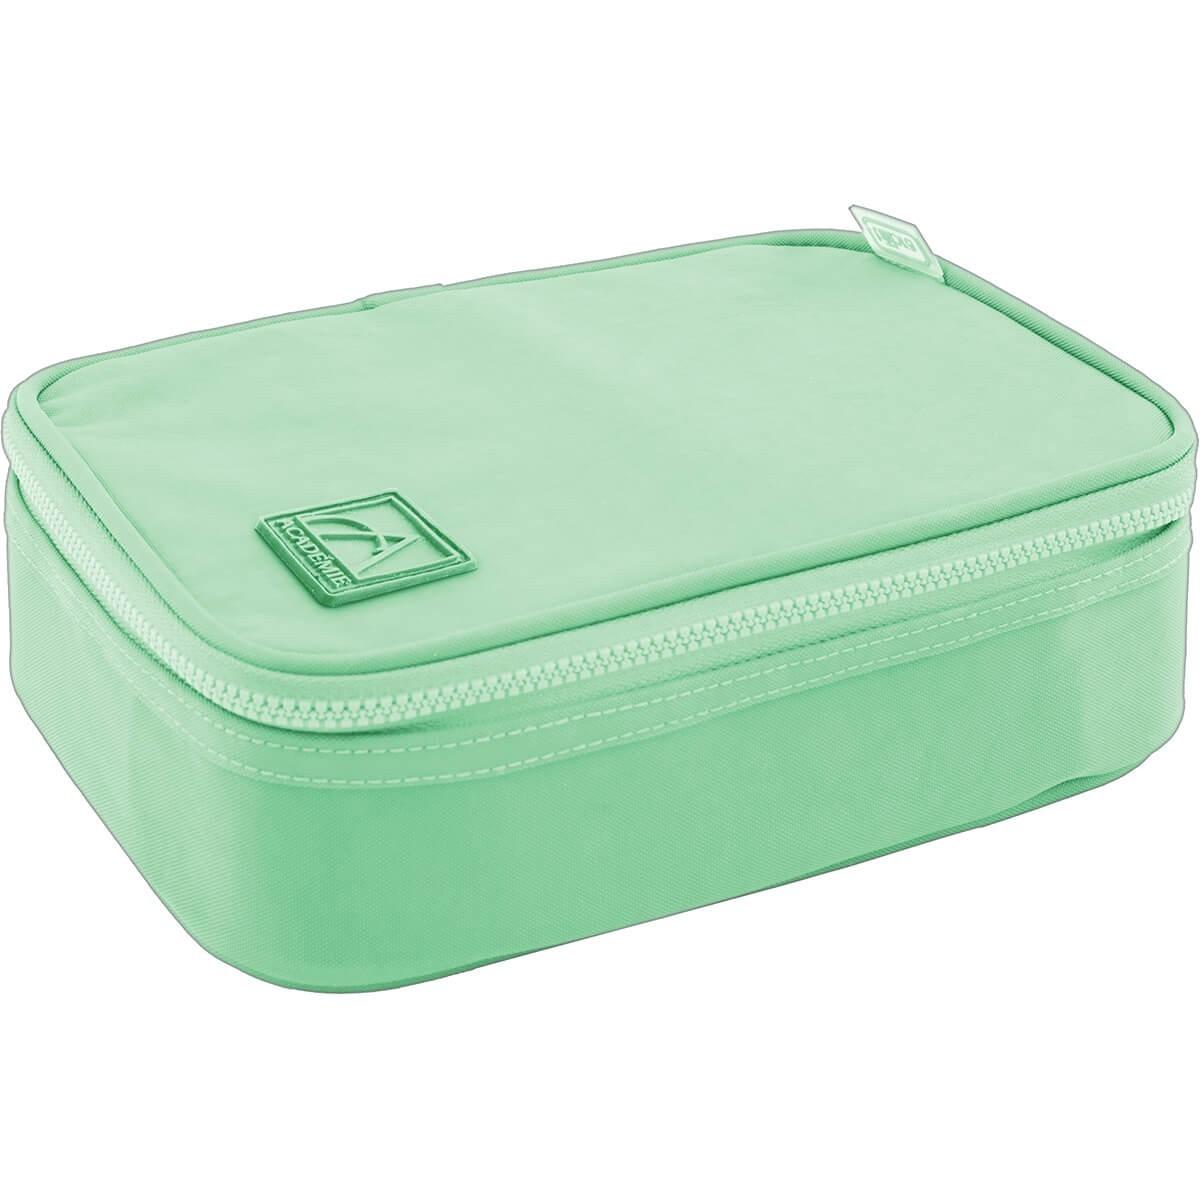 Estojo Box Academie Verde - Tilibra